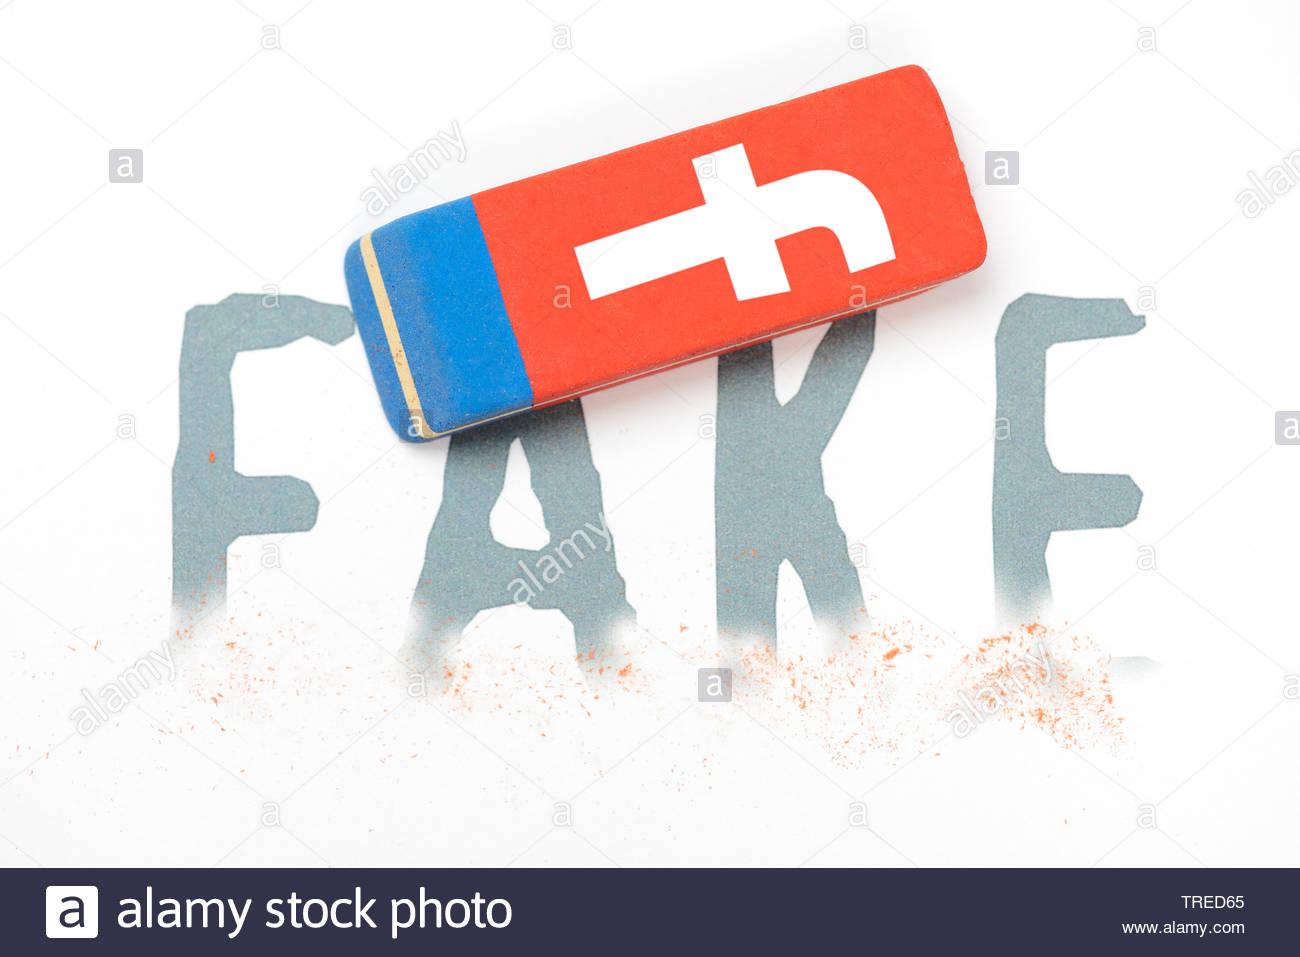 Schriftzug FAKE teilweise überdacht mit einem Gummi zeigt das Logo fo Facebook - Verpflichtung zu löschen Stockfoto